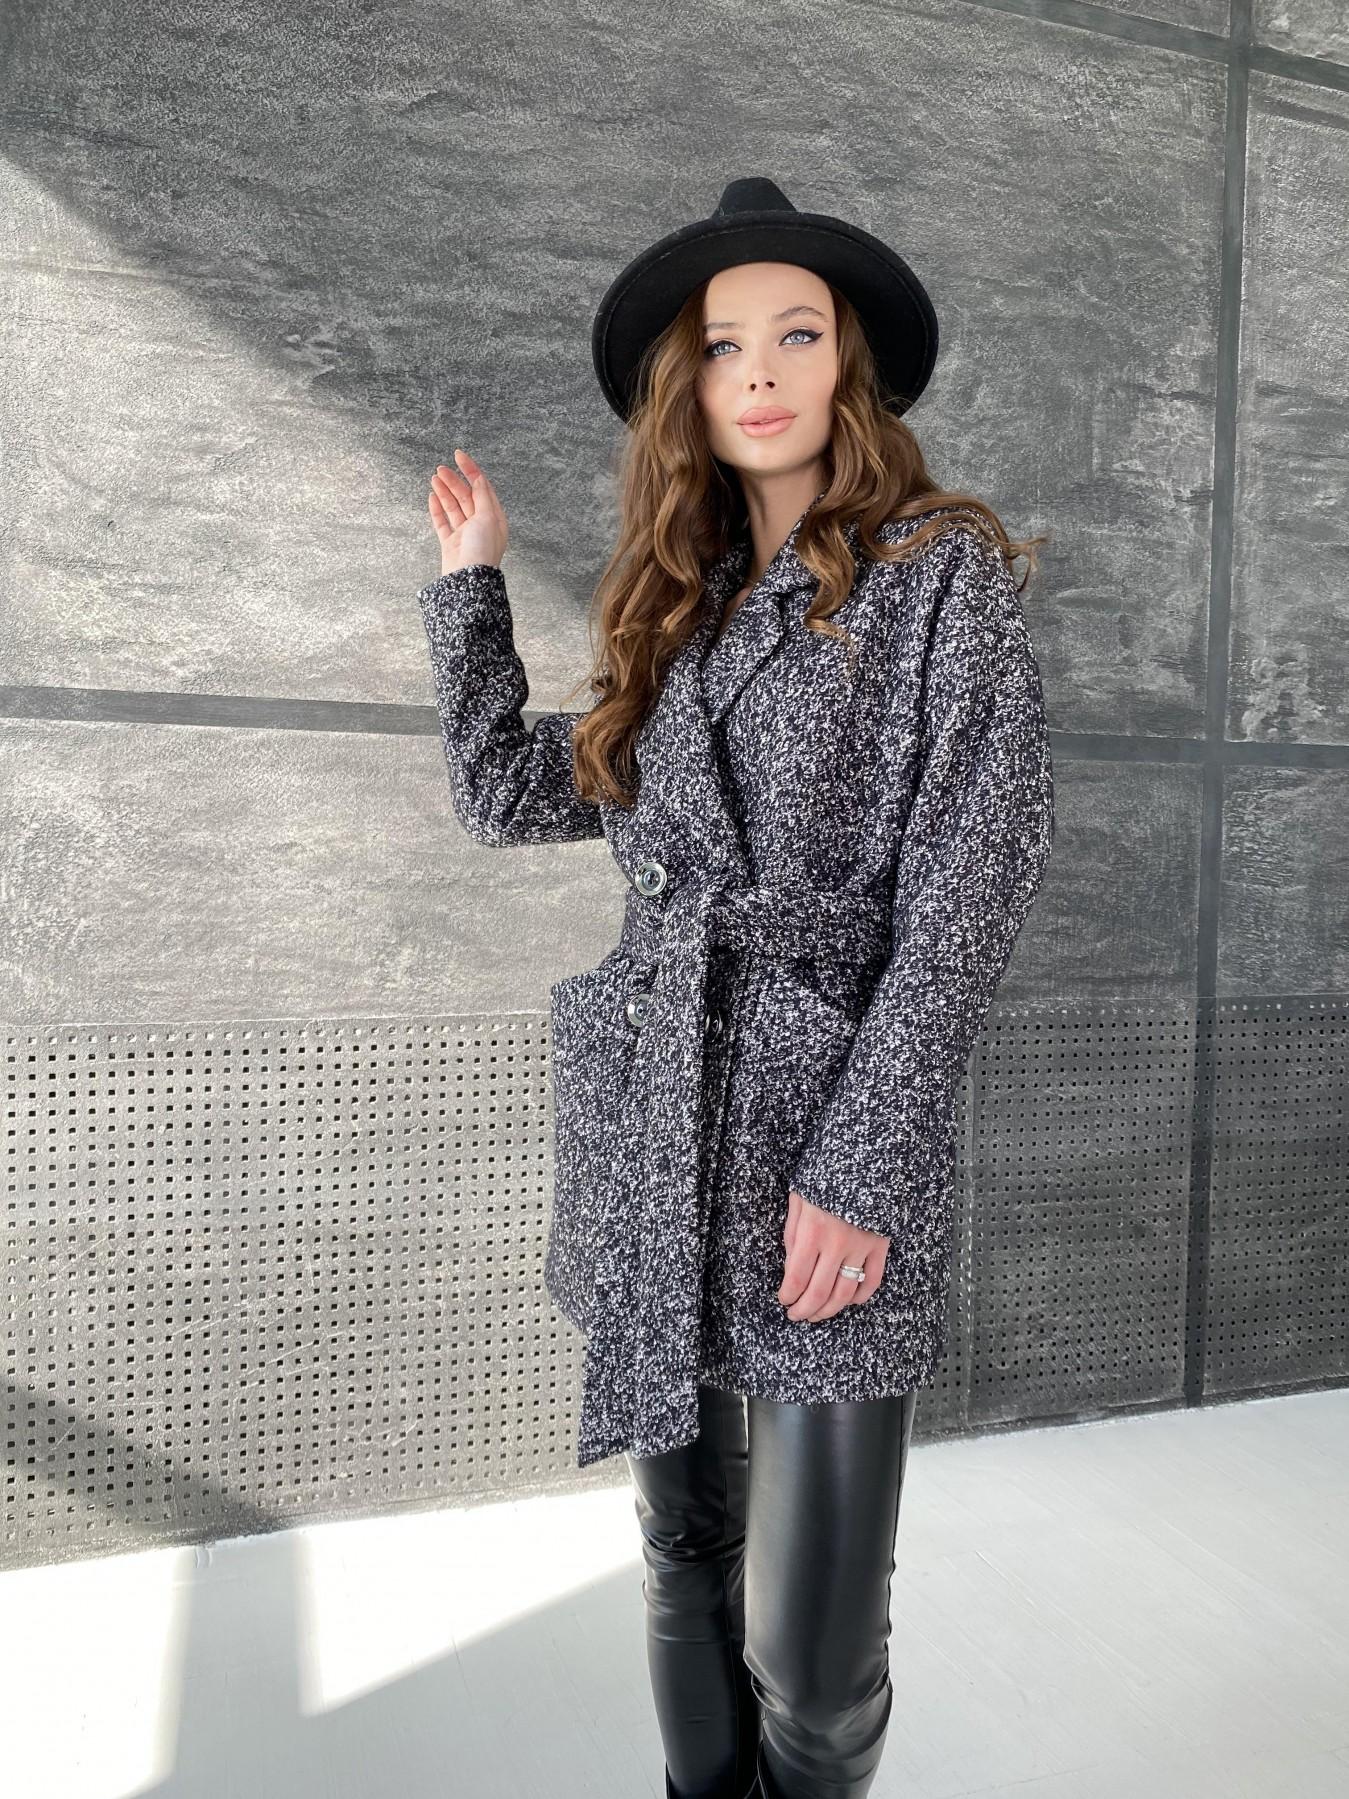 Бонд пальто из шерсти букле  10770 АРТ. 47197 Цвет: Черно серый 61 - фото 6, интернет магазин tm-modus.ru